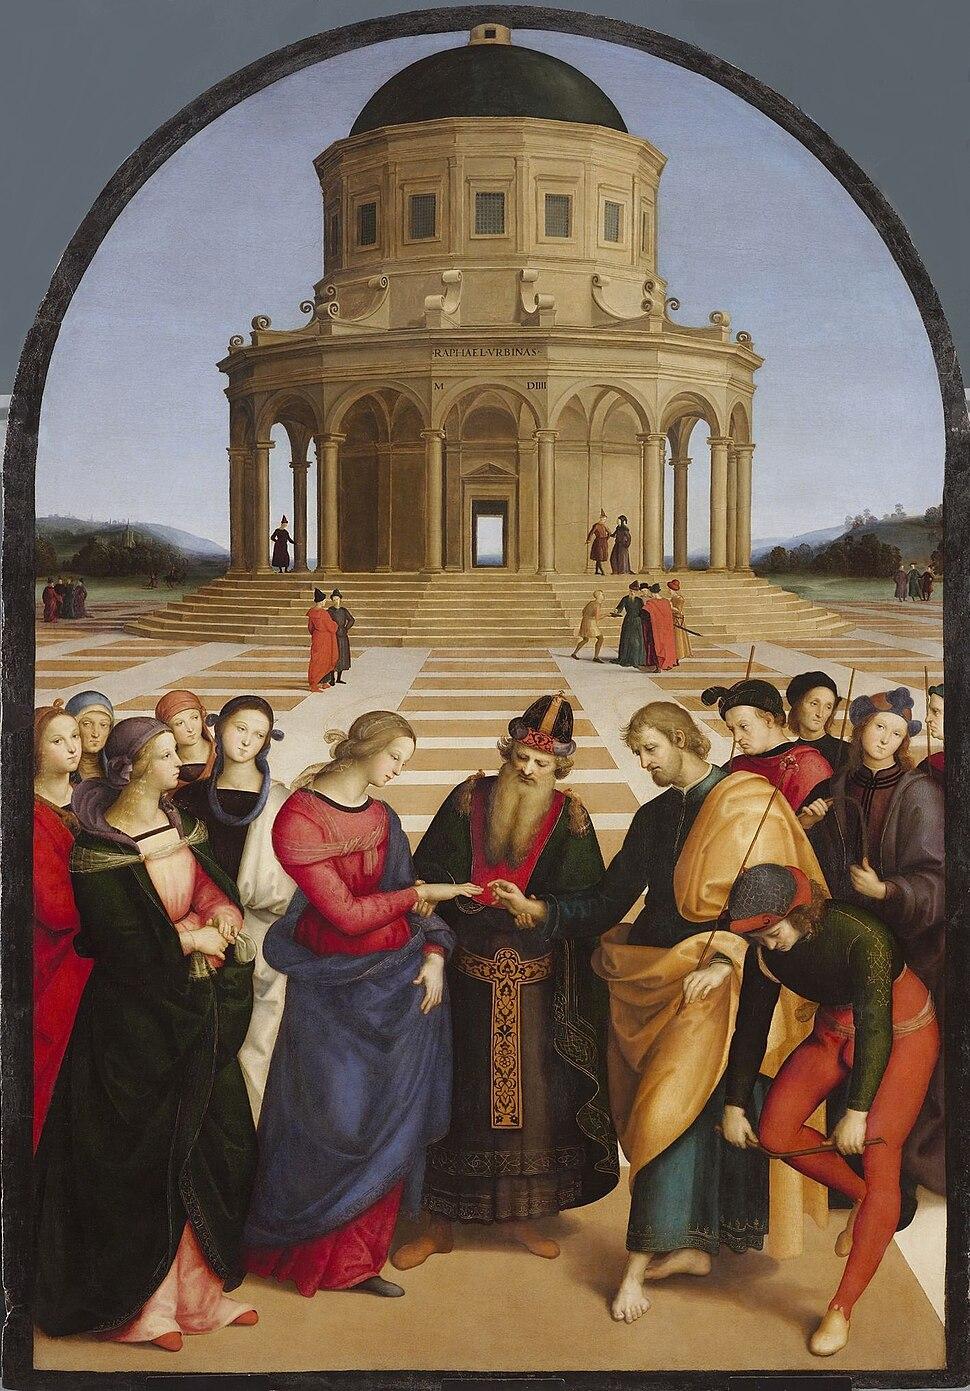 Raffaello - Spozalizio - Web Gallery of Art